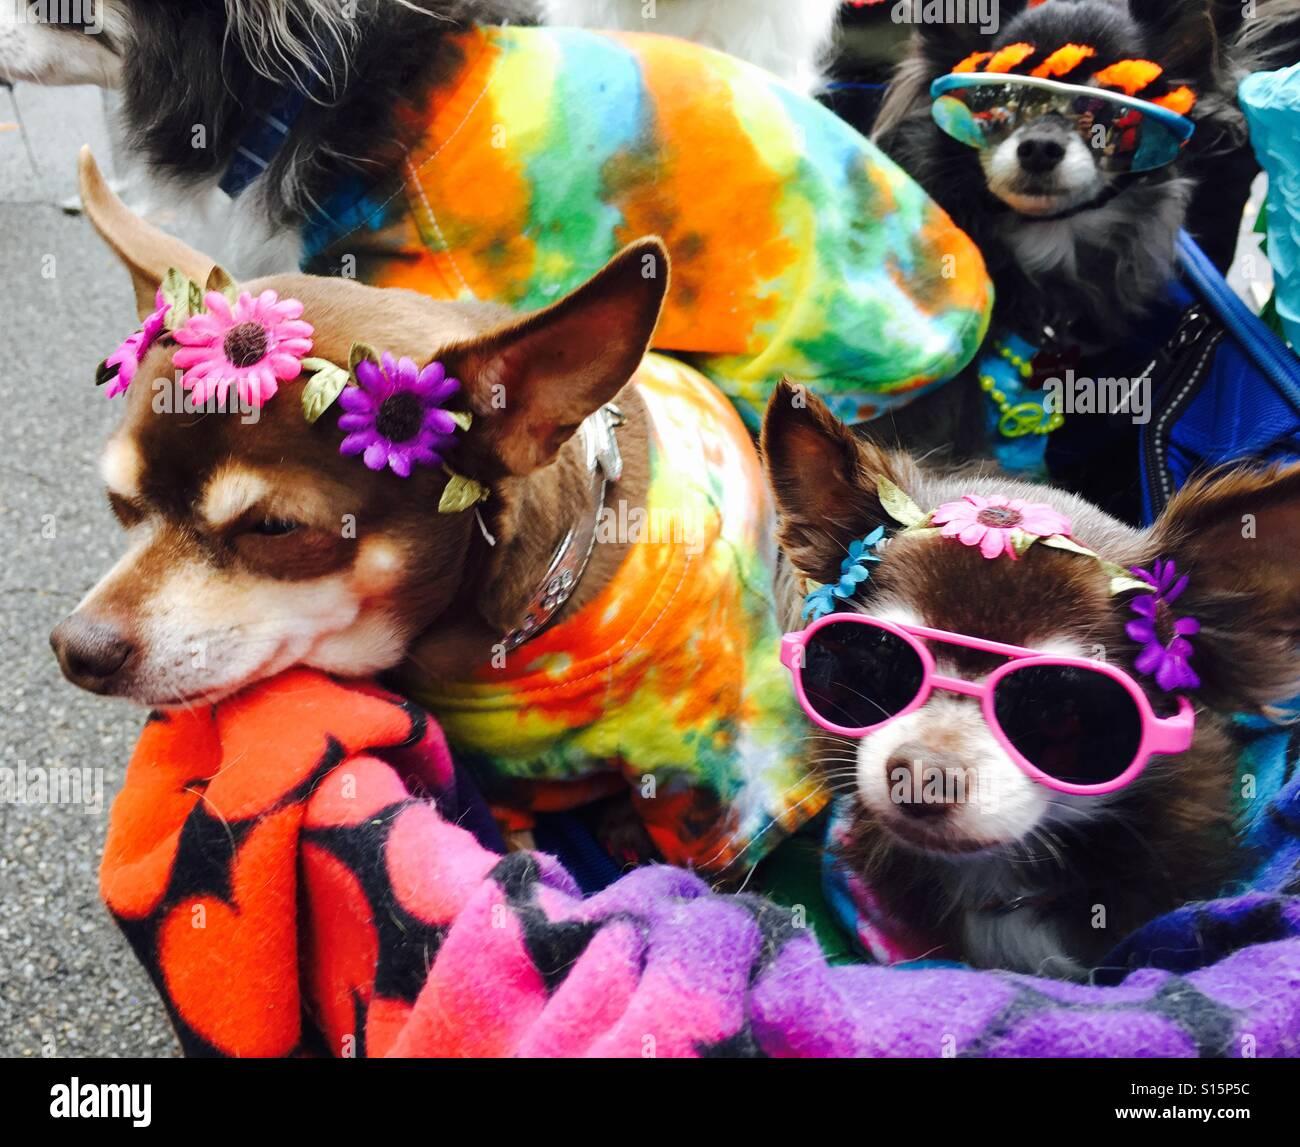 Cochecito lleno de chihuahuas en la 26ª Anual de Tompkins Square Park-Halloween Dog Parade en NYC East Village Imagen De Stock